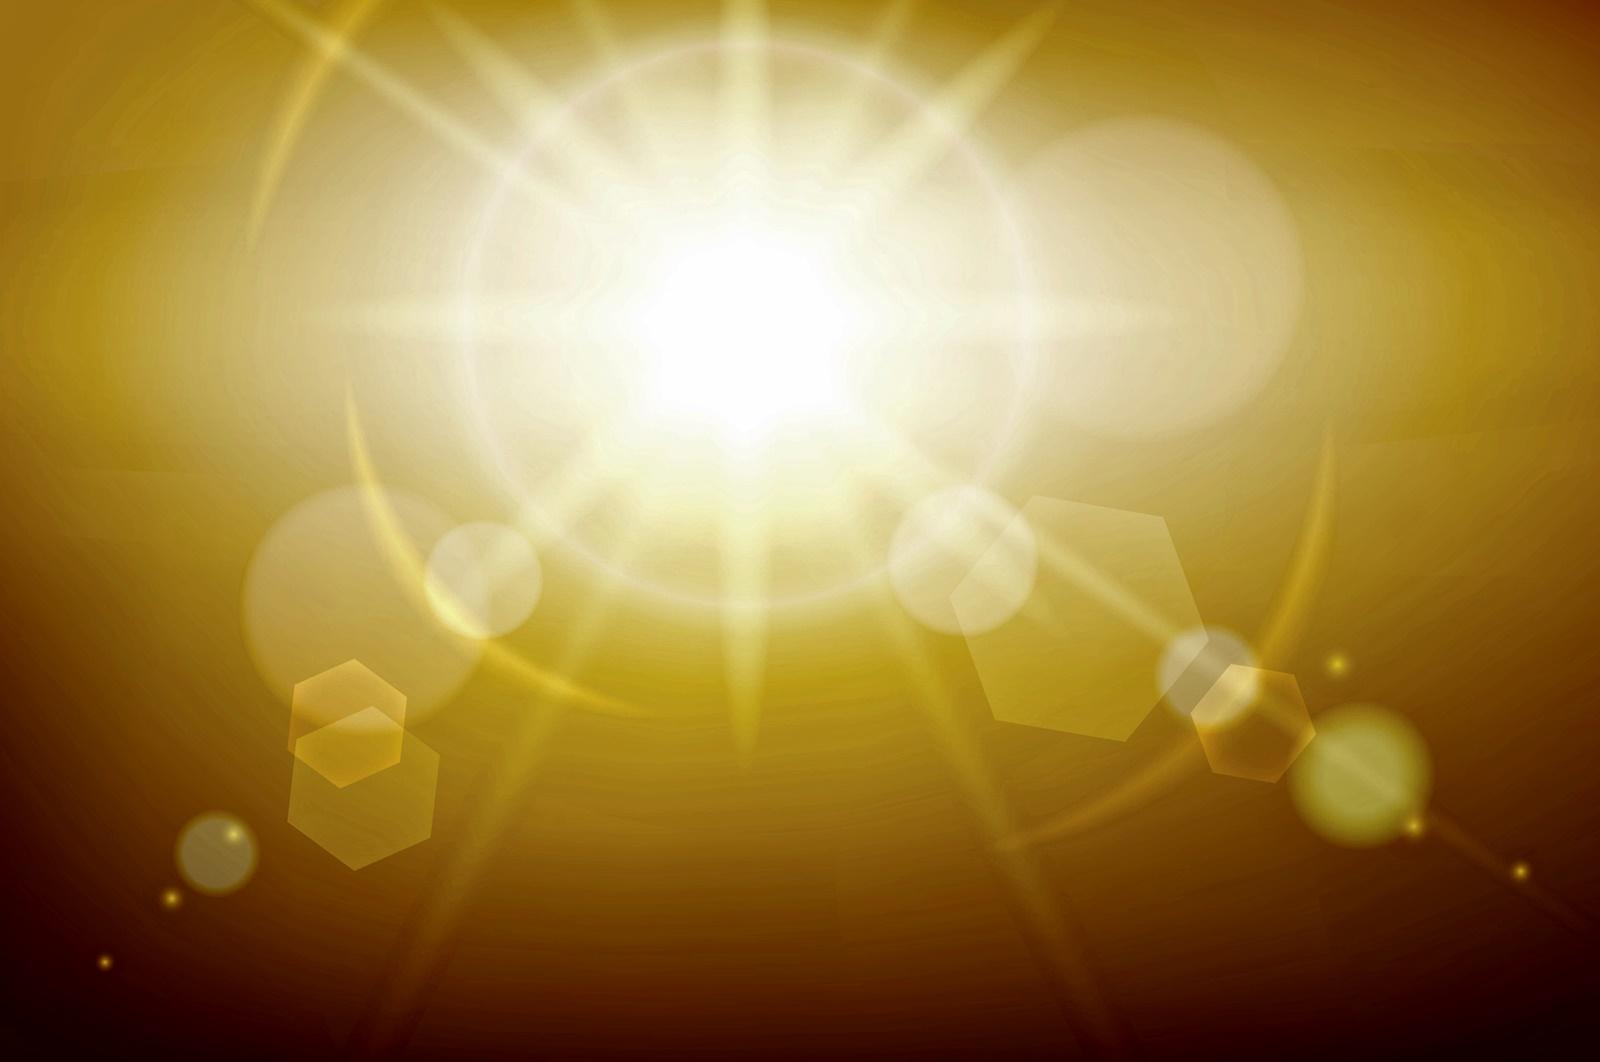 Прозрачно и по-тъмно жълт<br /> Ако урината ви е прозрачно жълта, това е знак, че пиете здравословни количества вода, тялото ви е добре хидратирано и няма признаци от заболявания. Ако преминава към по-тъмно жълт цвят, това също е в рамките на нормалното, но трябва да започнете да приемате една идея повече вода, за да не се дехидратирате.